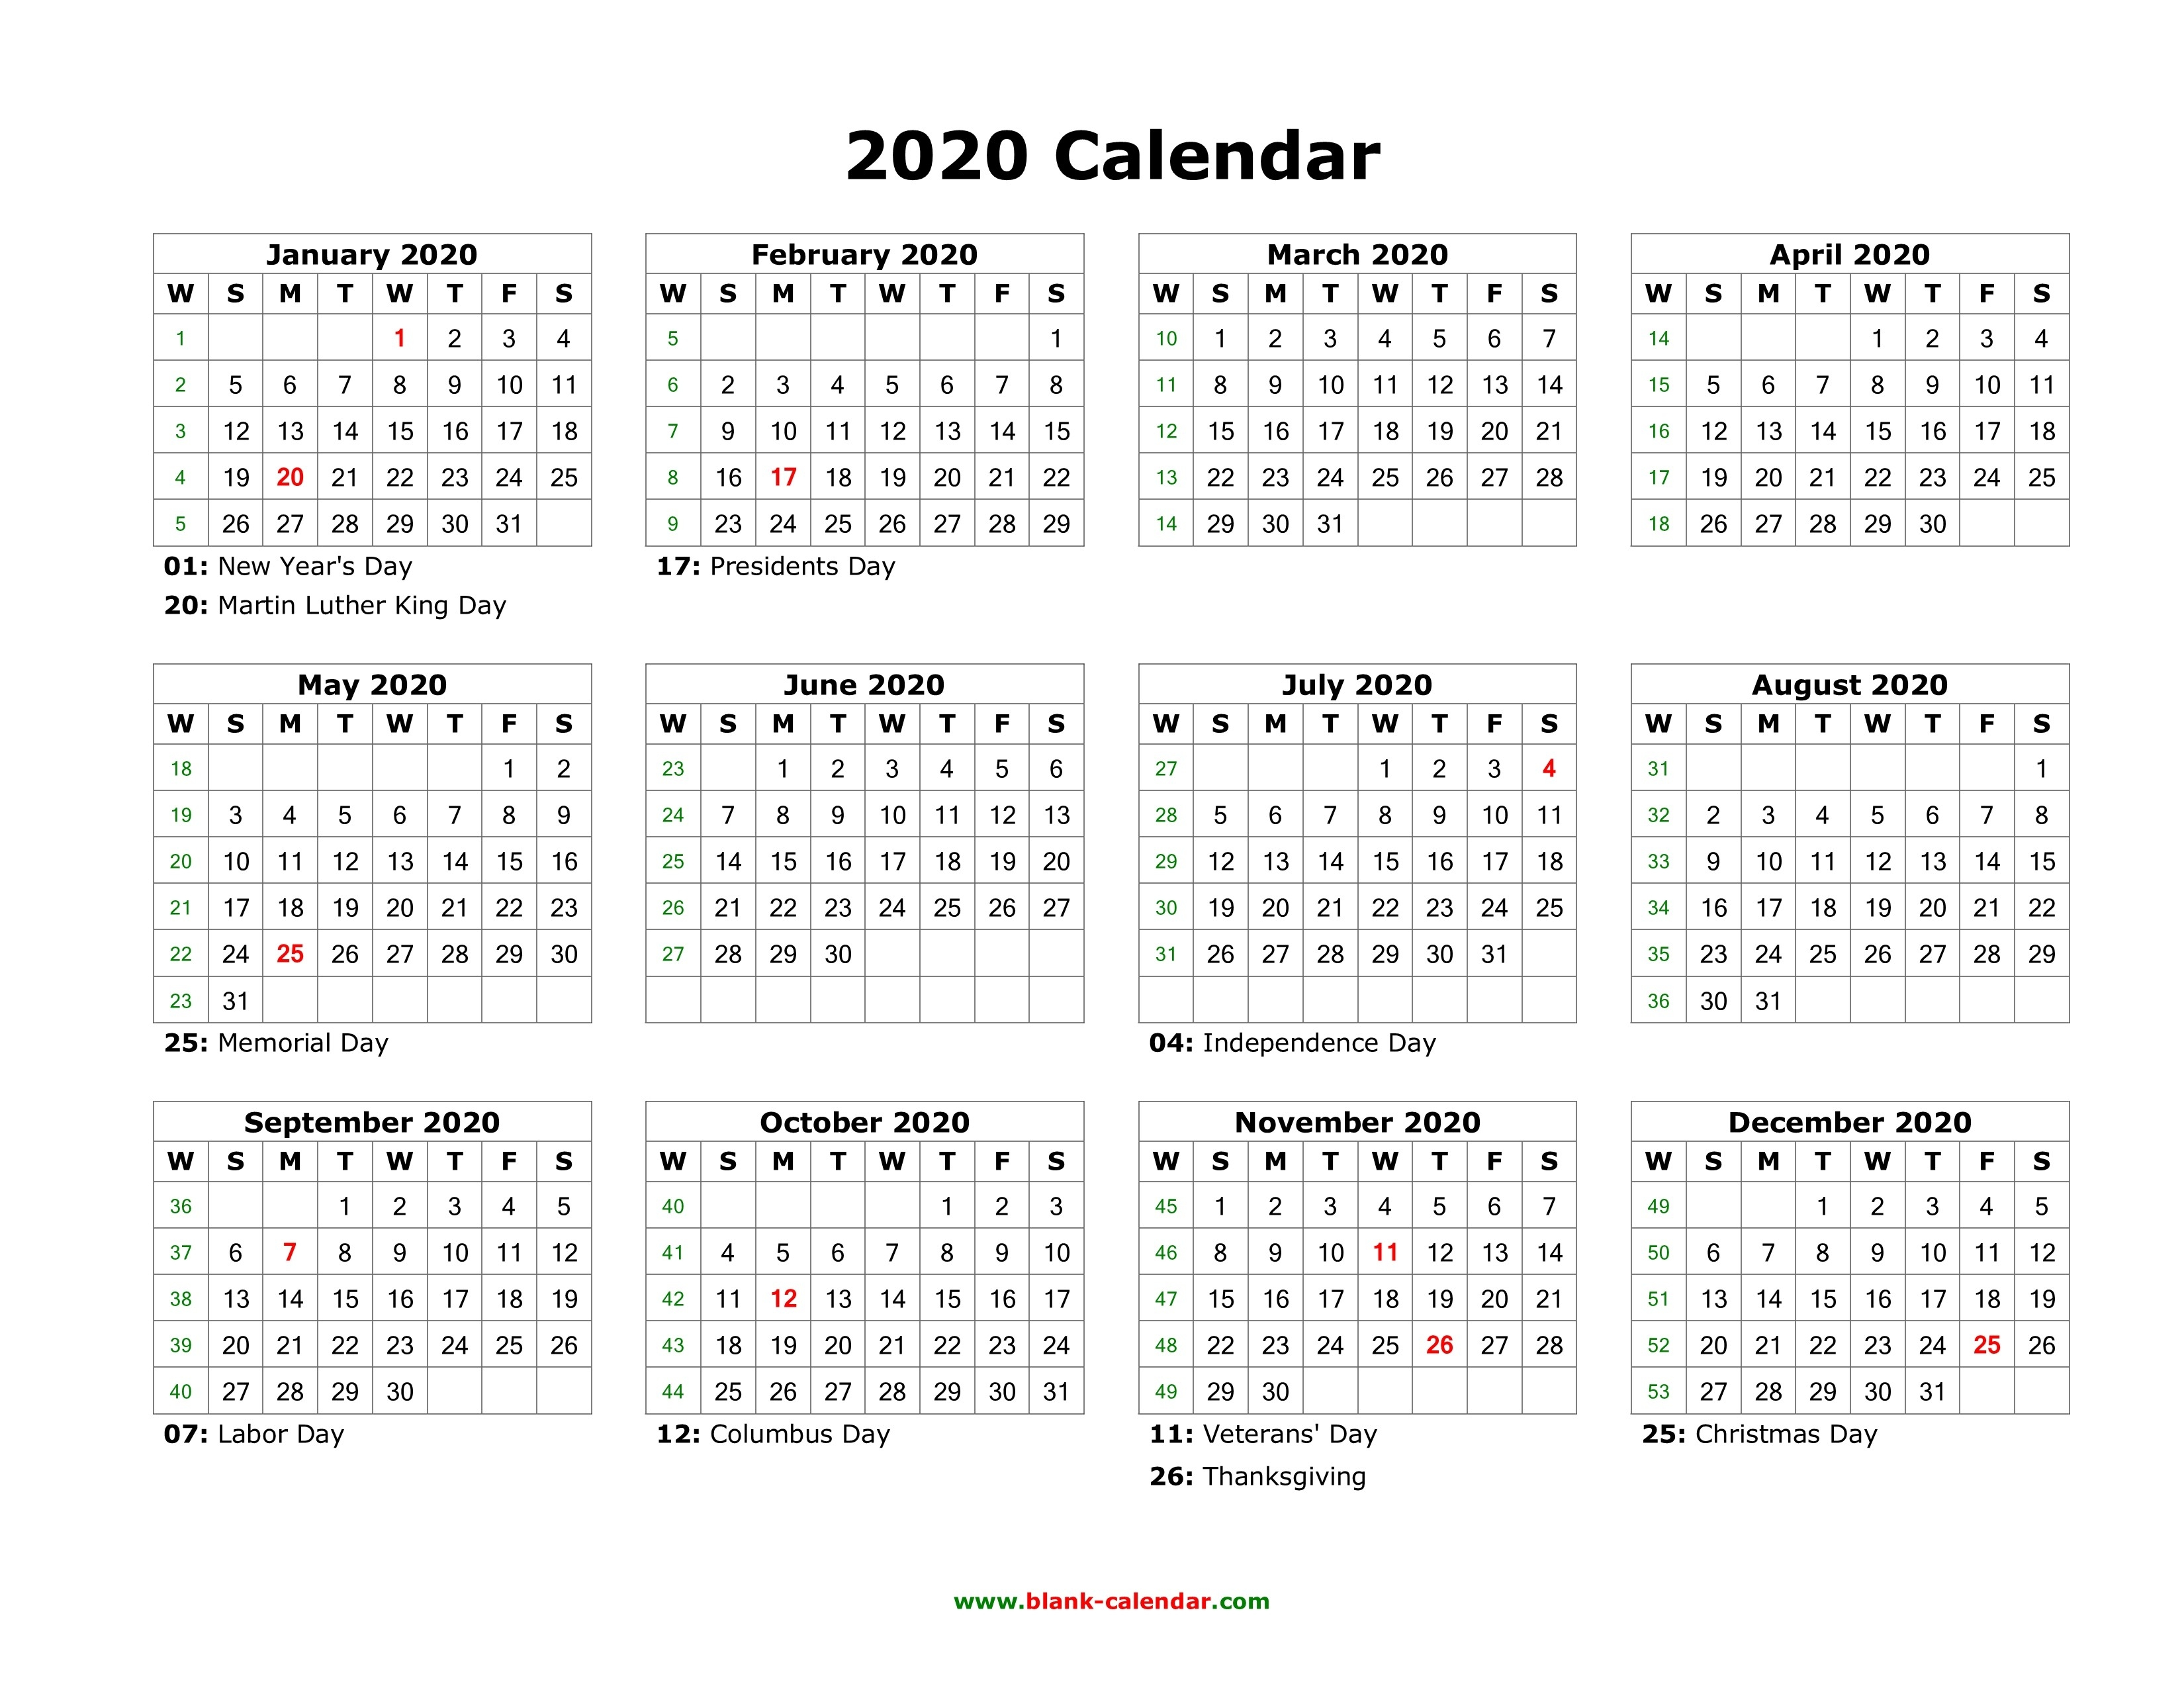 Blank Calendar 2020 | Free Download Calendar Templates-6 Month Calendar 2020 Template Free